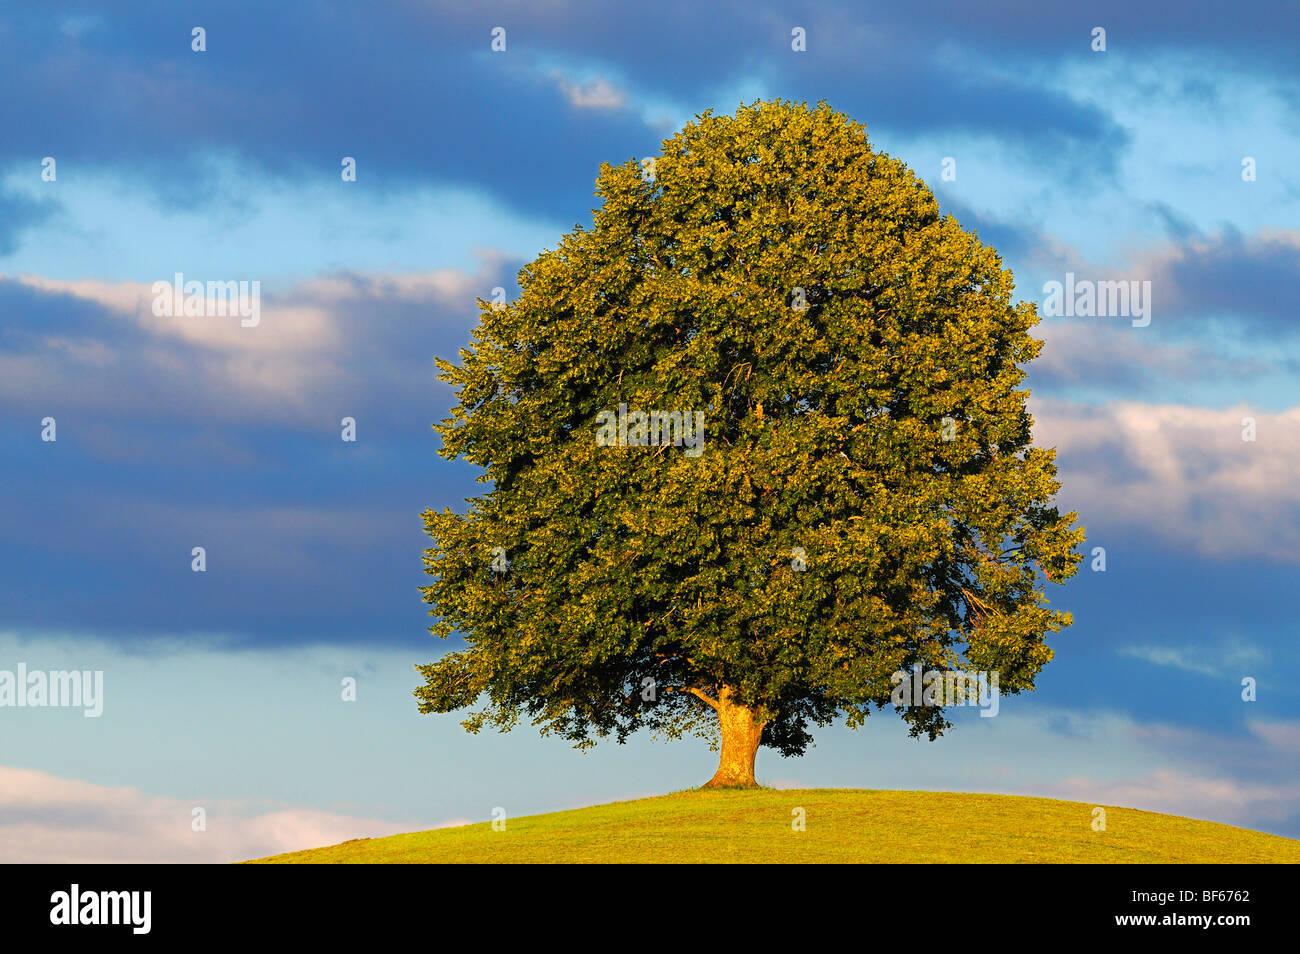 Linden tree (Tilia sp.), tree in summer, Switzerland, Europe - Stock Image